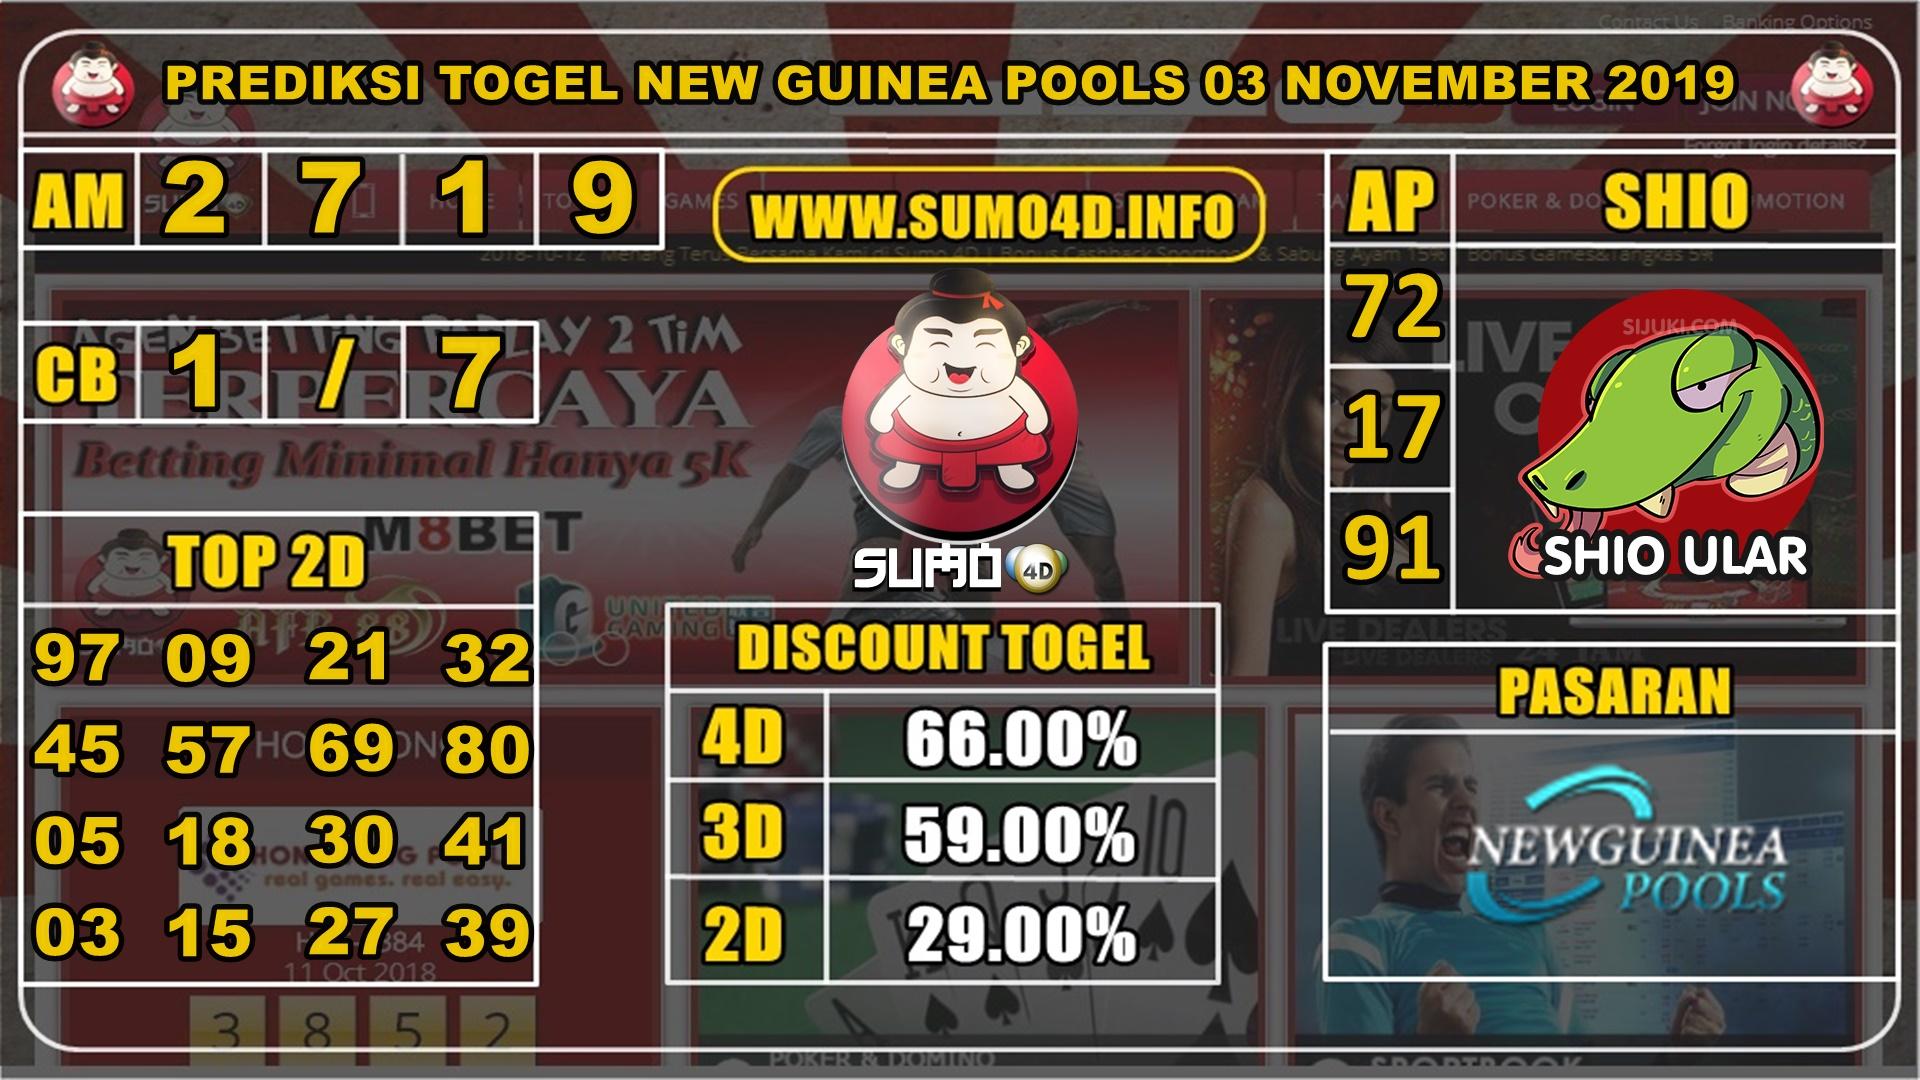 PREDIKSI TOGEL NEW GUINEA POOLS 03 NOVEMBER 2019